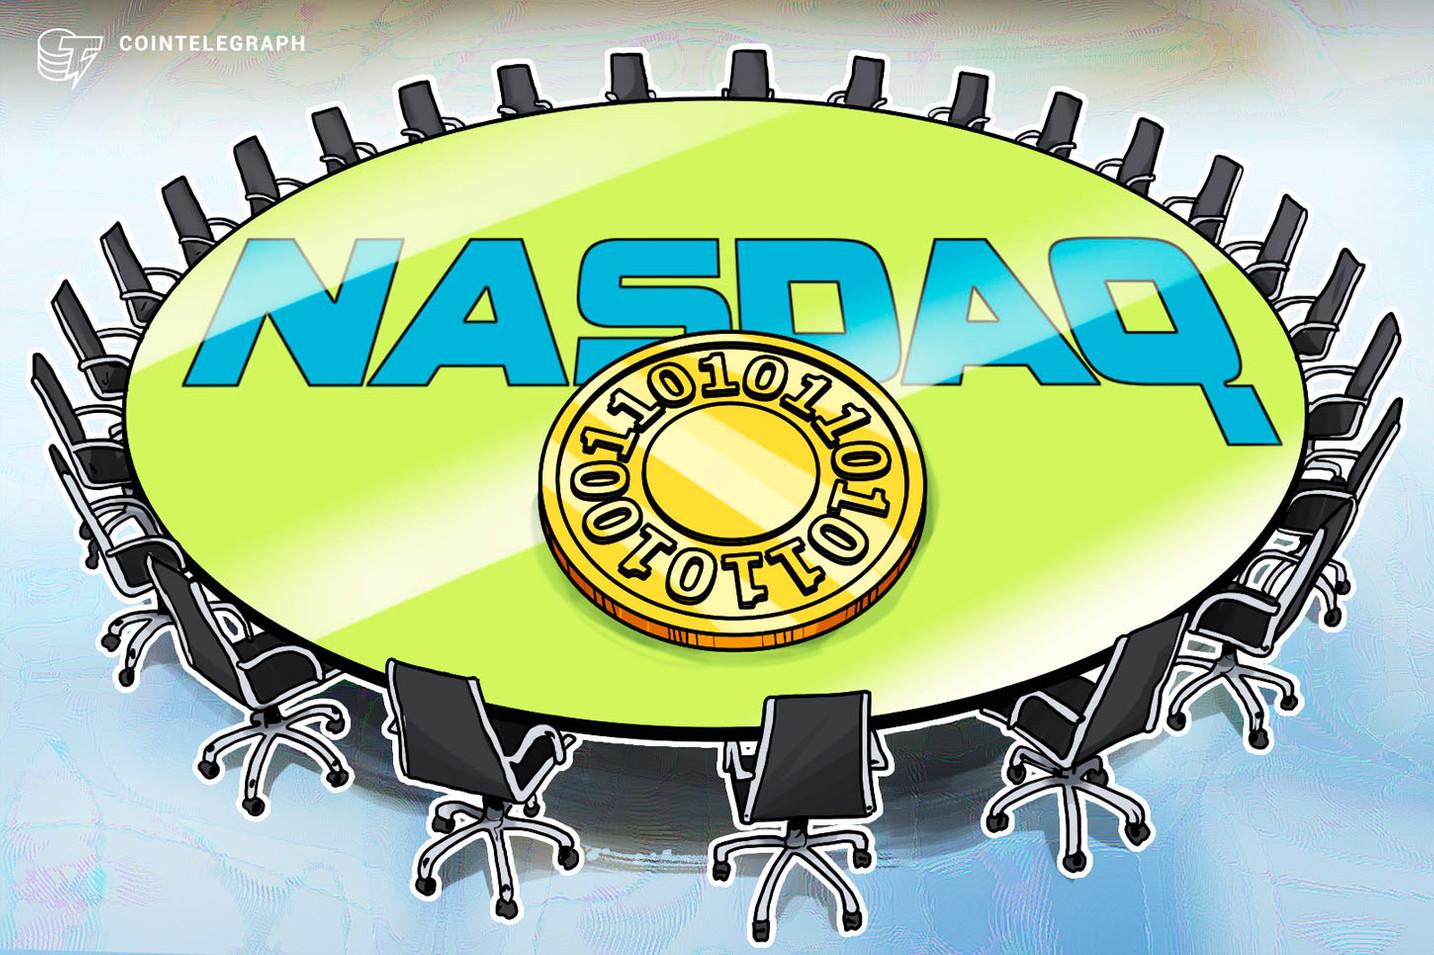 شركات العملات المشفرة والعملات الورقية تناقش تقنين العملات المشفرة في اجتماعٍ مغلق لناسداك